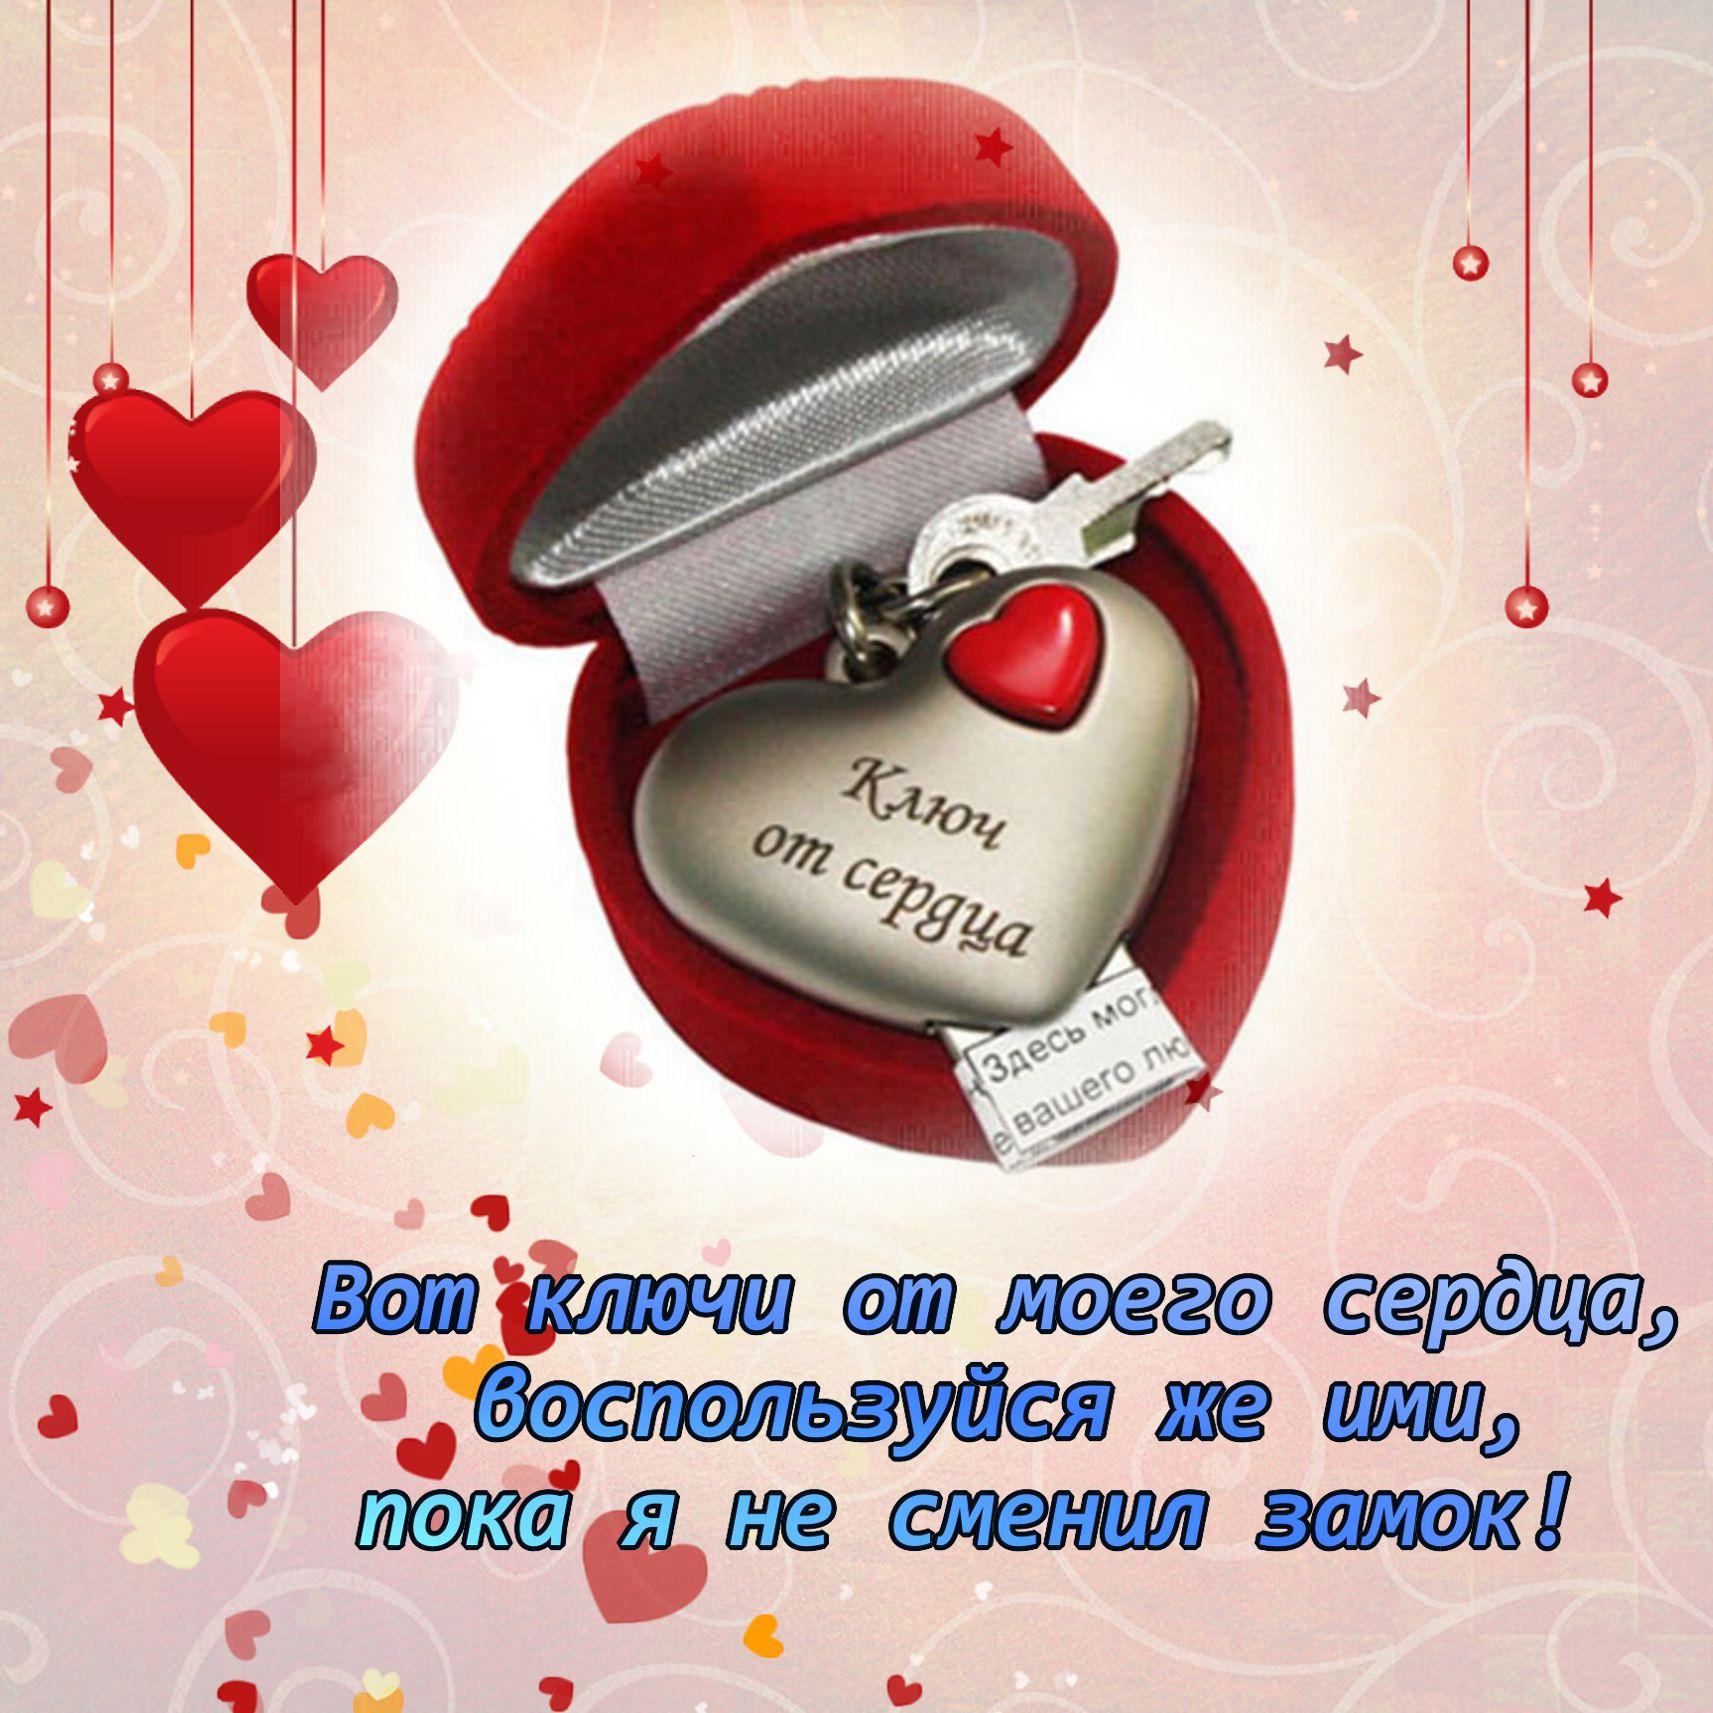 Короткие поздравления с Днем святого Валентина - Поздравок 6